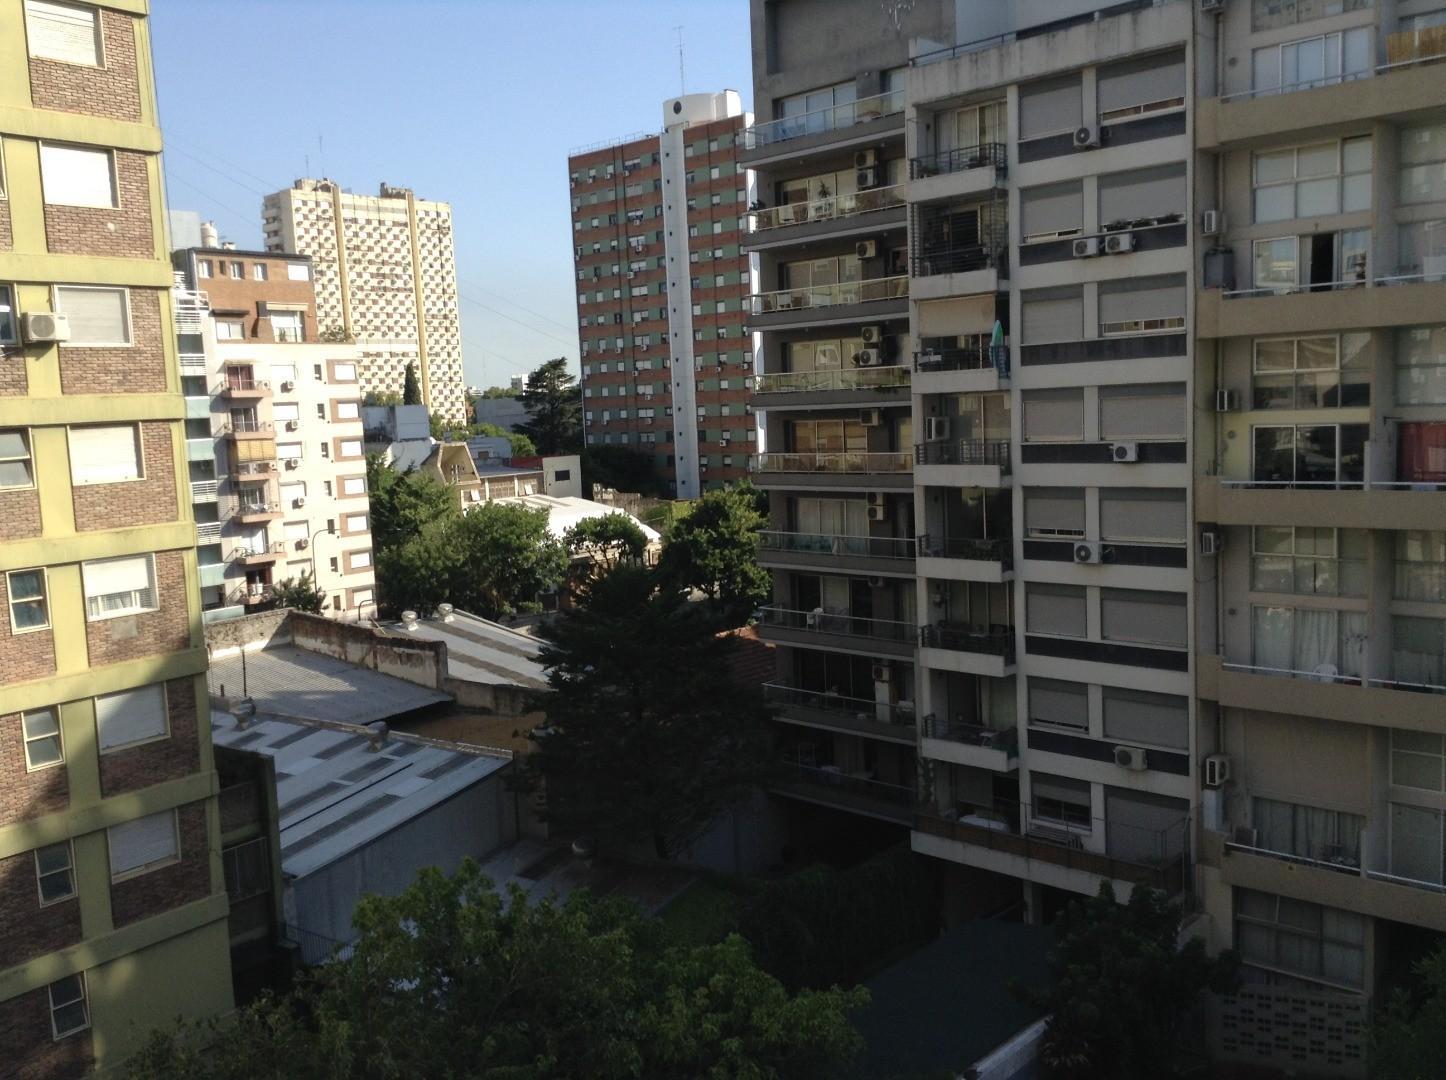 Ambiente Semi-equipado, Sexto piso, Abt, Amenities